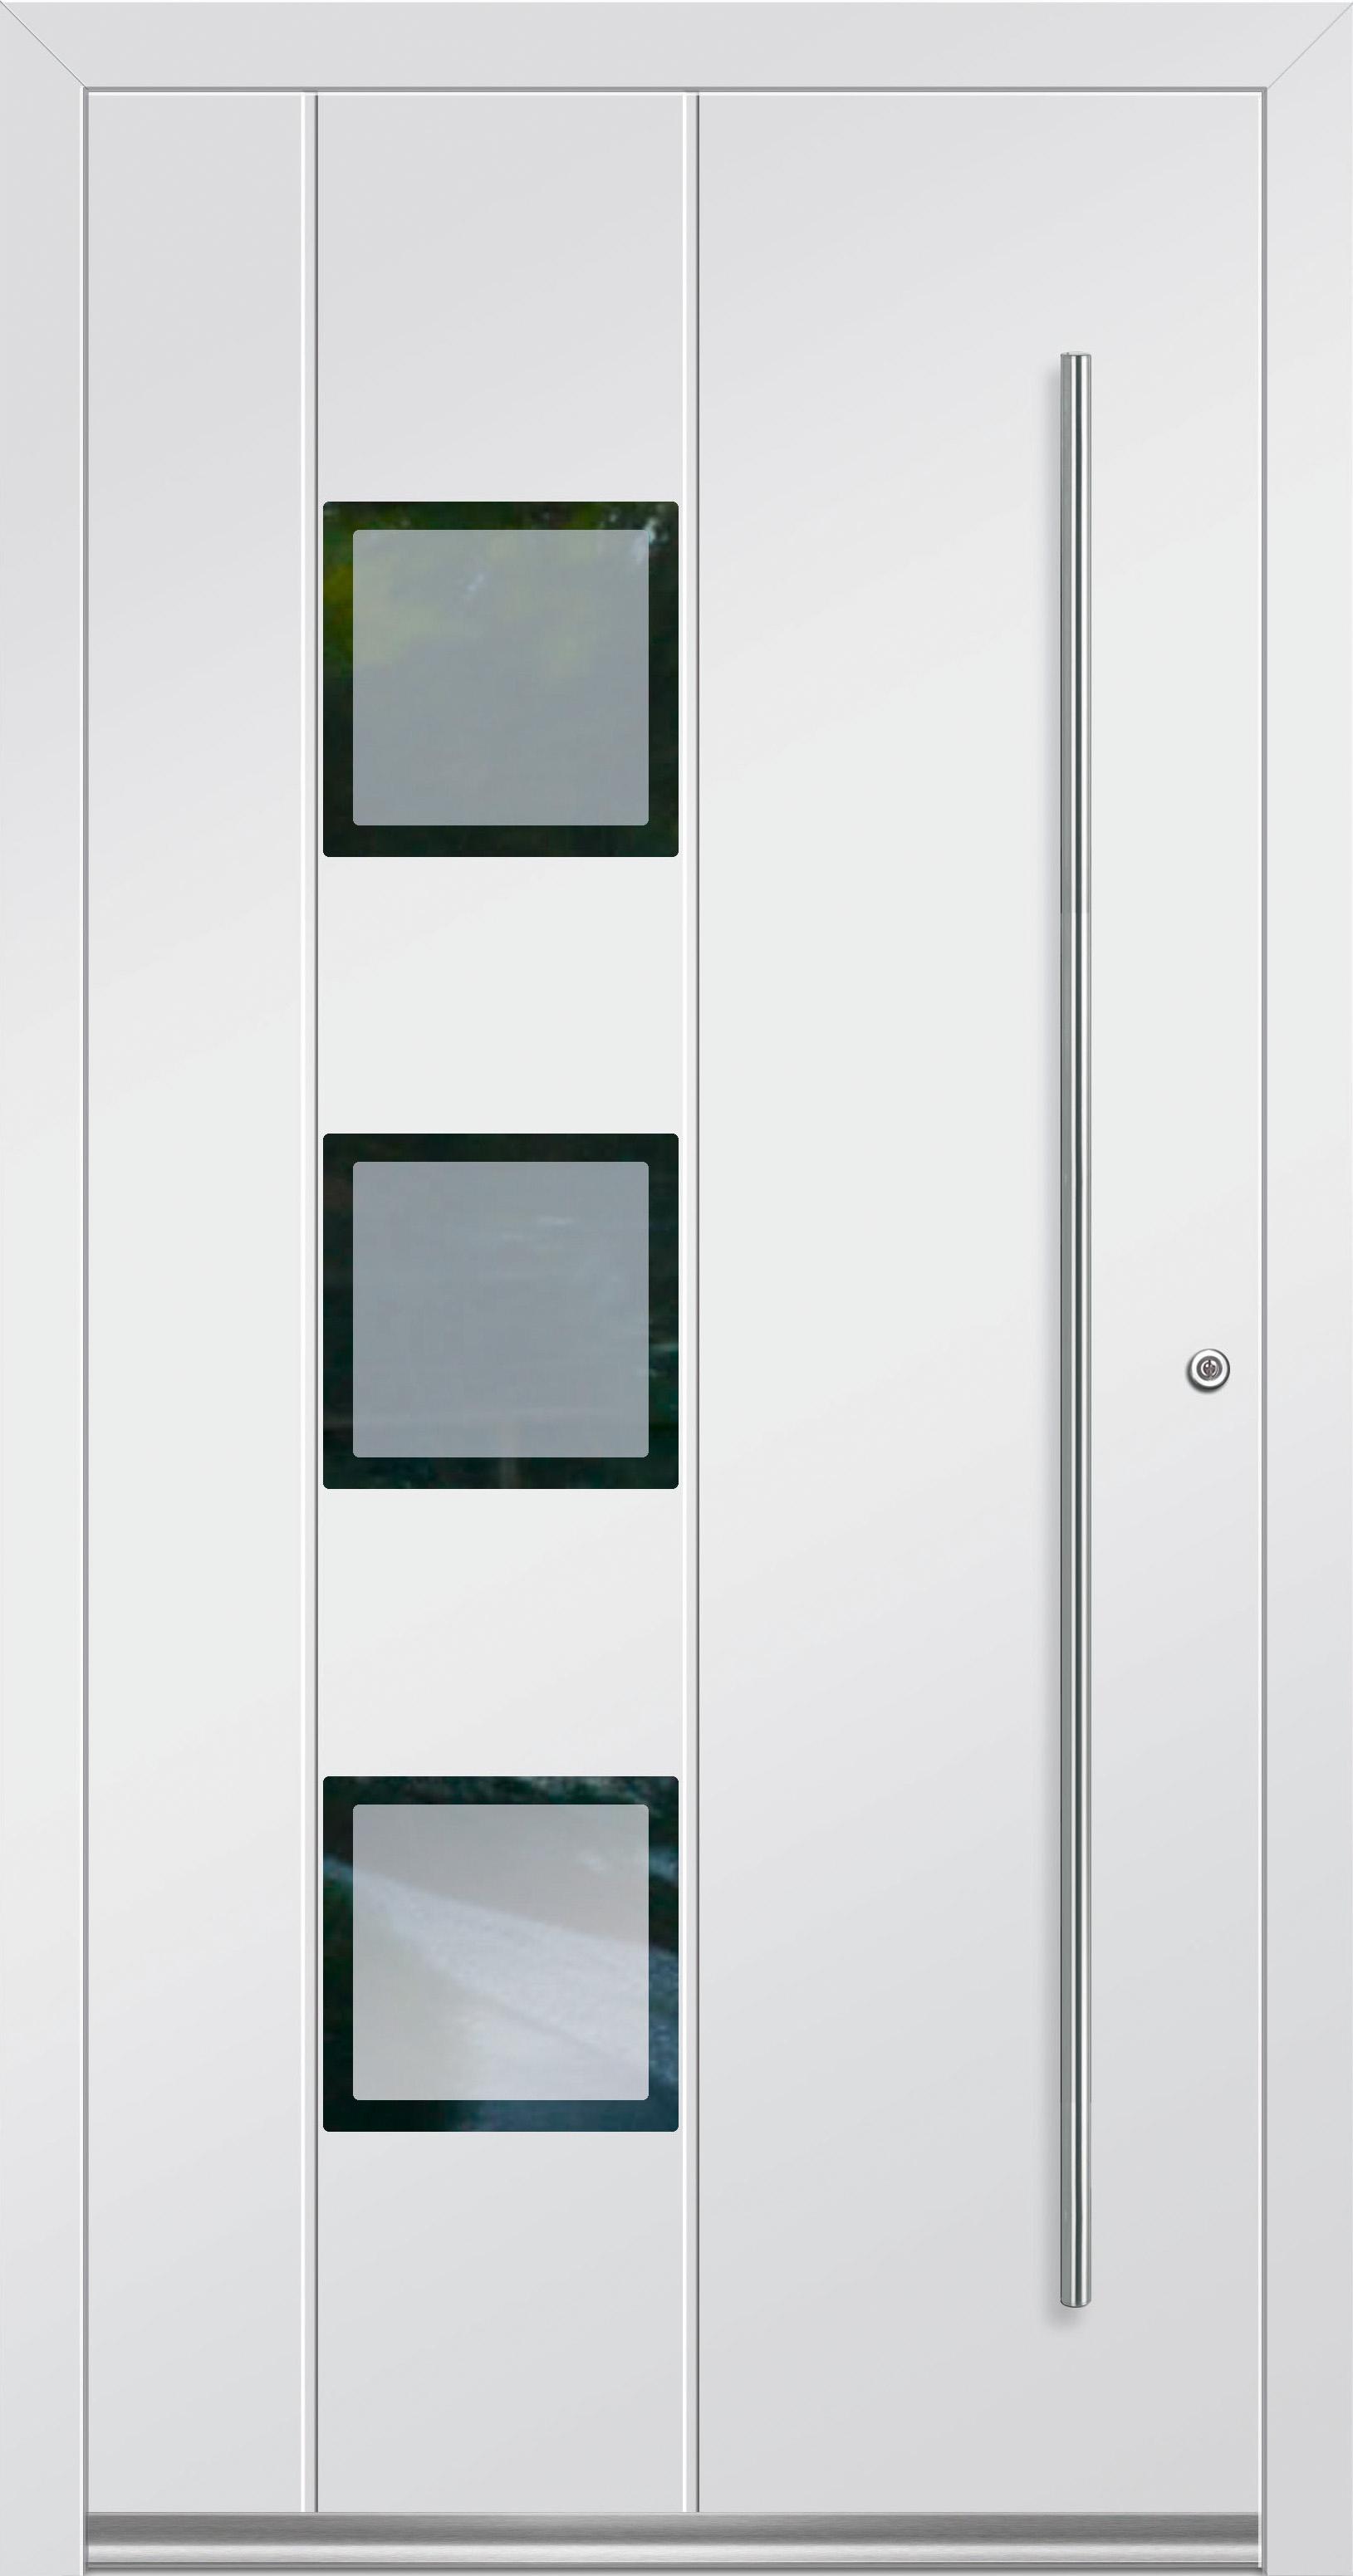 Interio Türen Online Kaufen Möbel Suchmaschine Ladendirektde